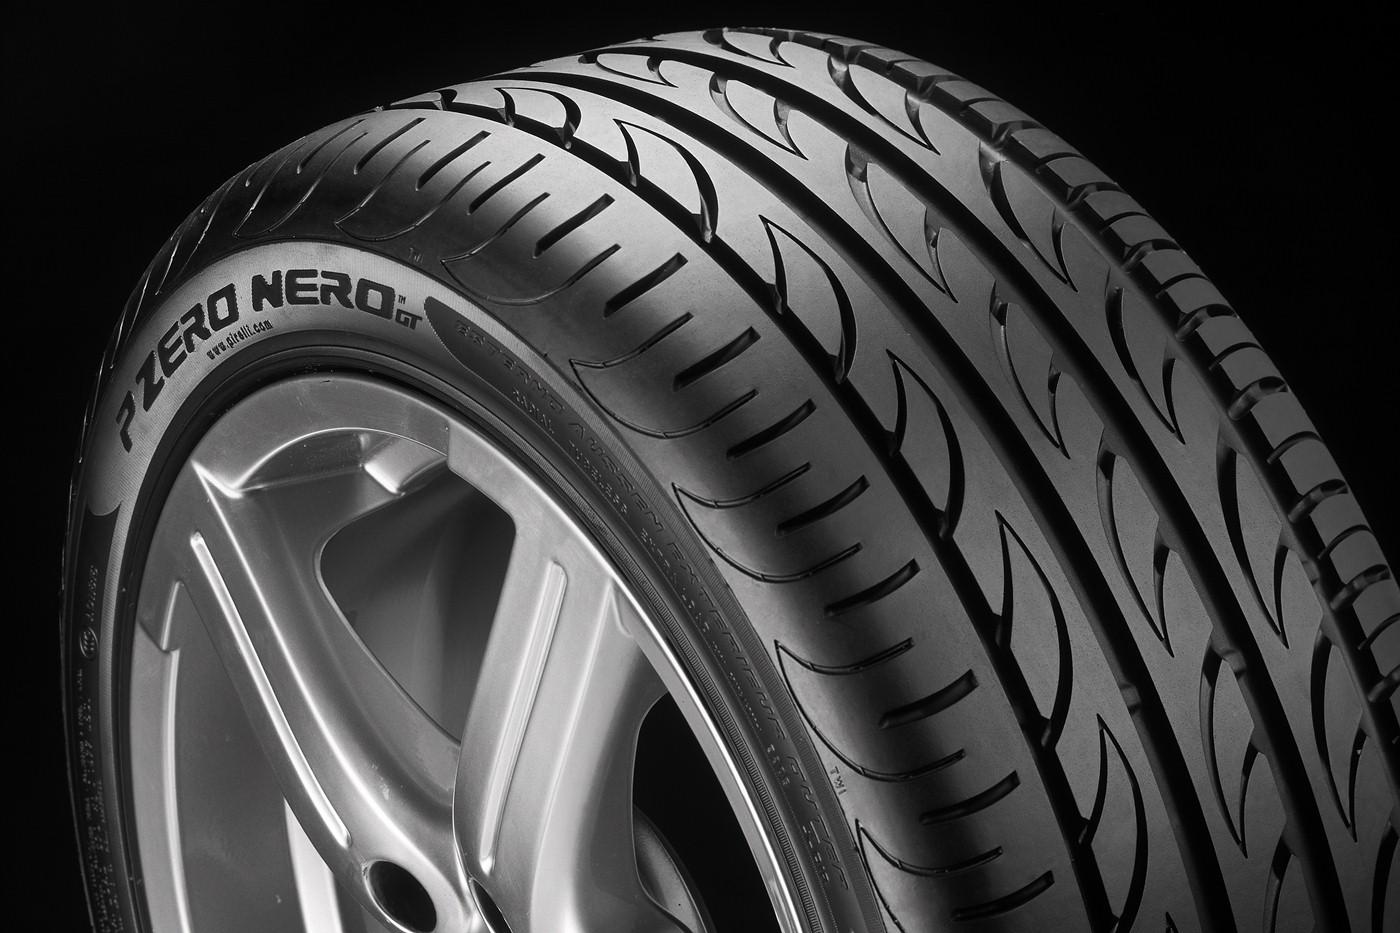 Pirelli_PZero_Nero_GT1